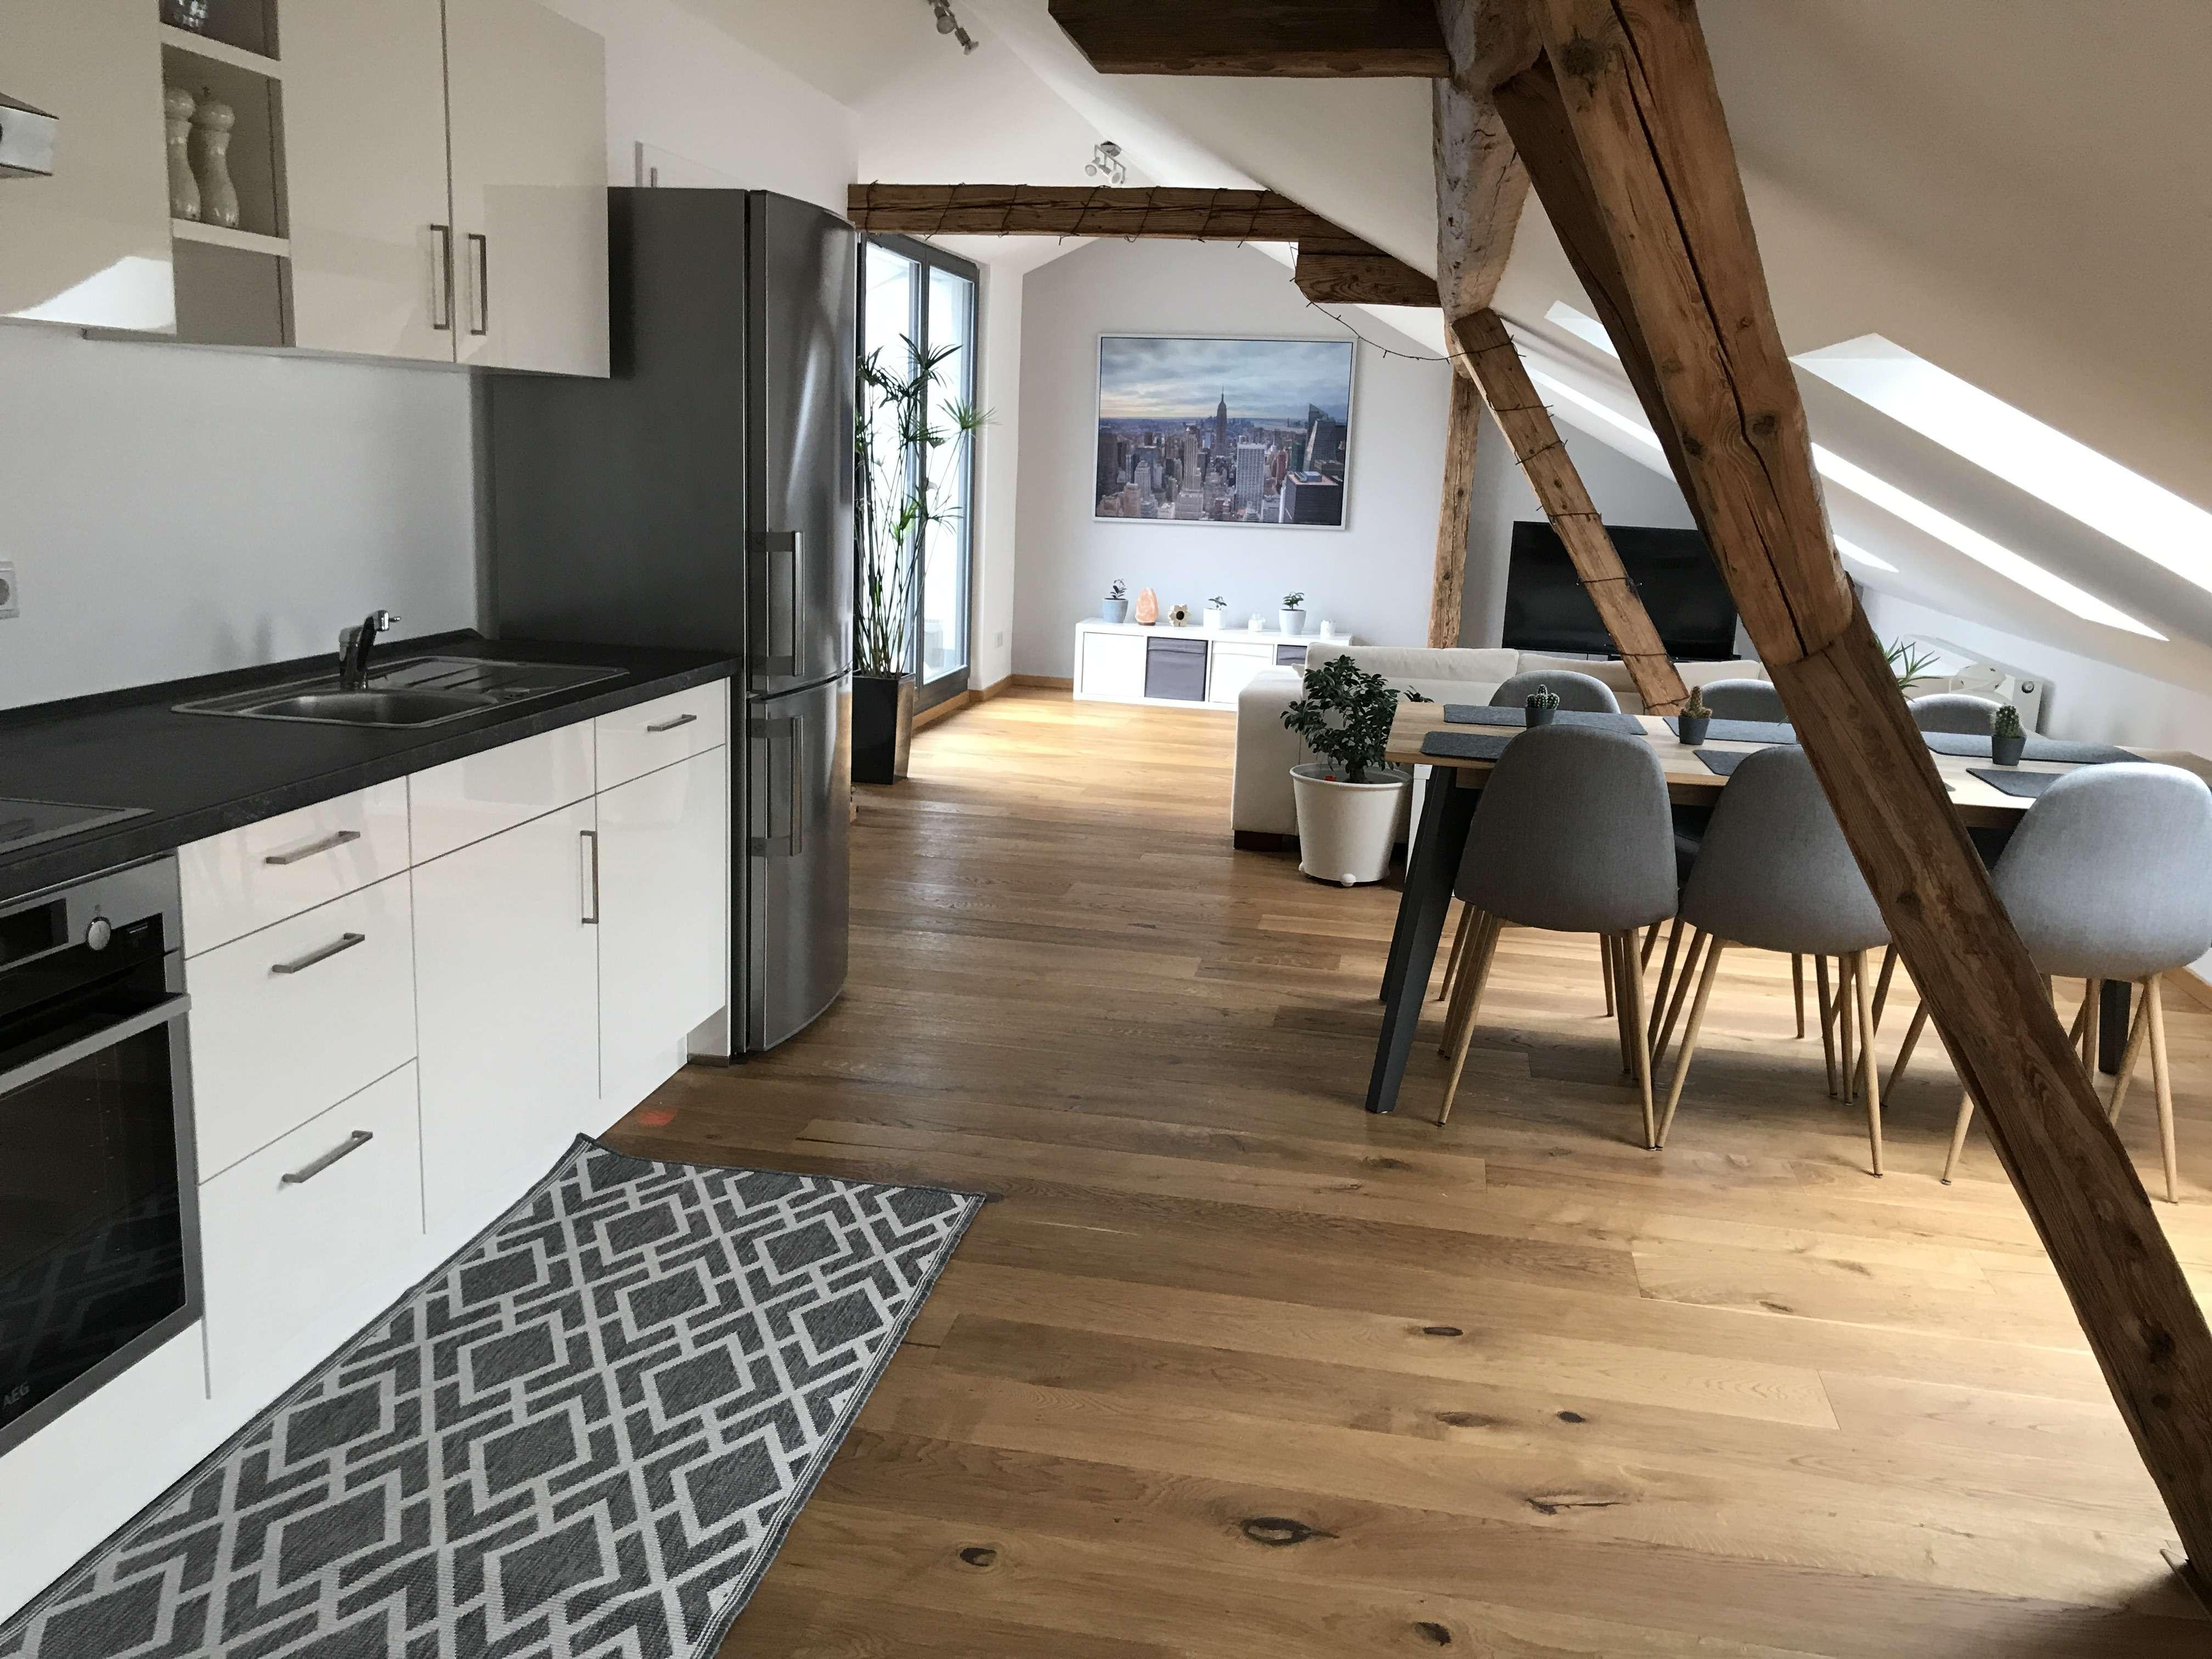 3-Zimmer-DG-Wohnung mit EBK und Balkon in Fürth in